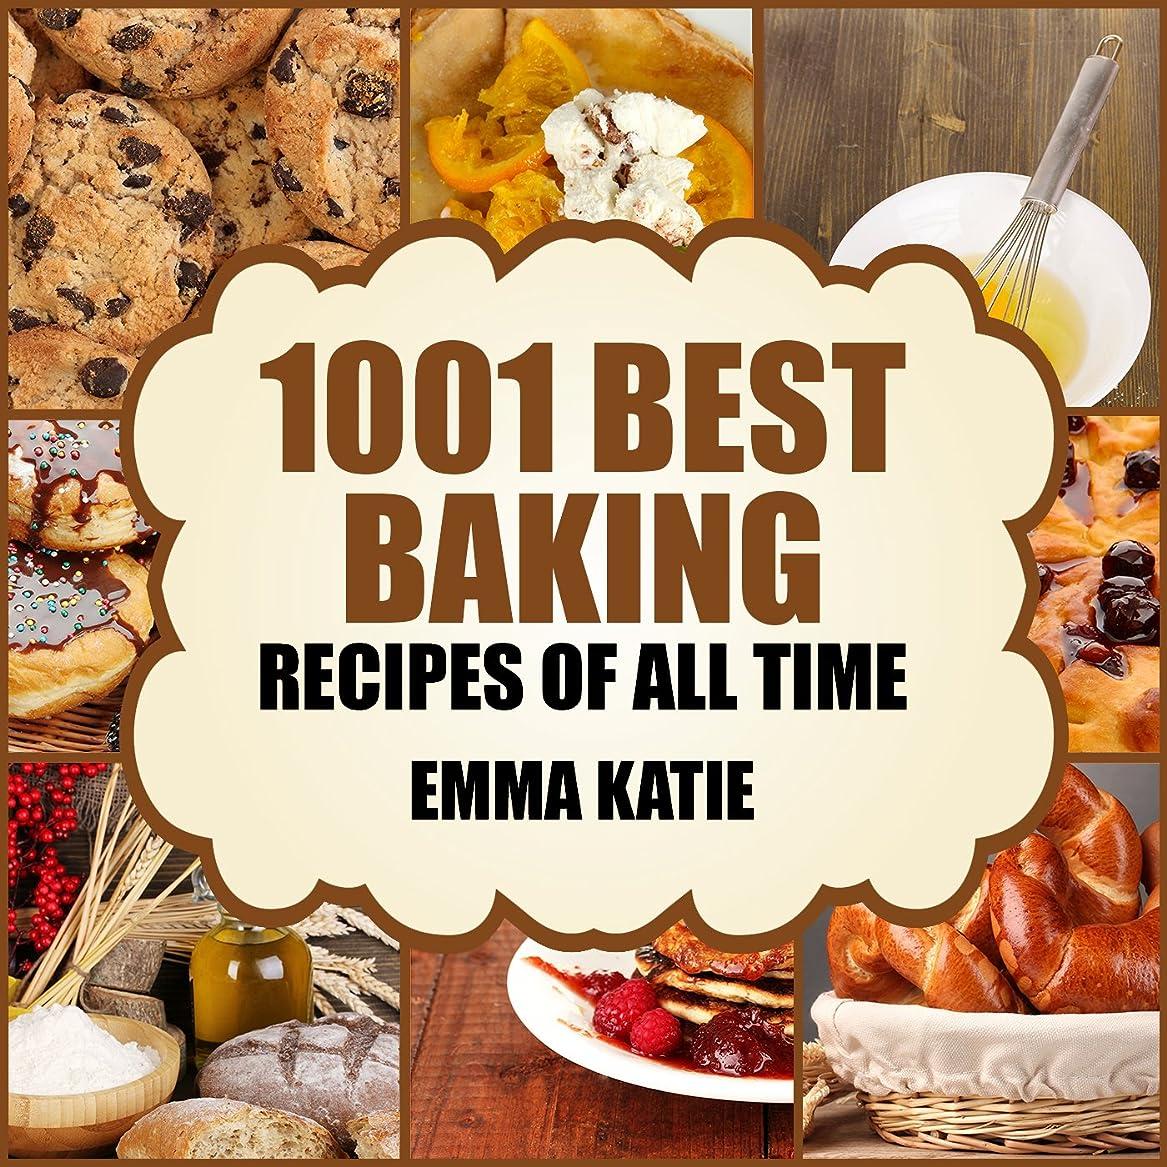 因子さておき連合1001 Best Baking Recipes of All Time: A Baking Cookbook with Over 1001 Recipes Book For Baking Basics such as Bread, Cakes, Chocolate, Cookies, Desserts, Muffin, Pastry and More (English Edition)